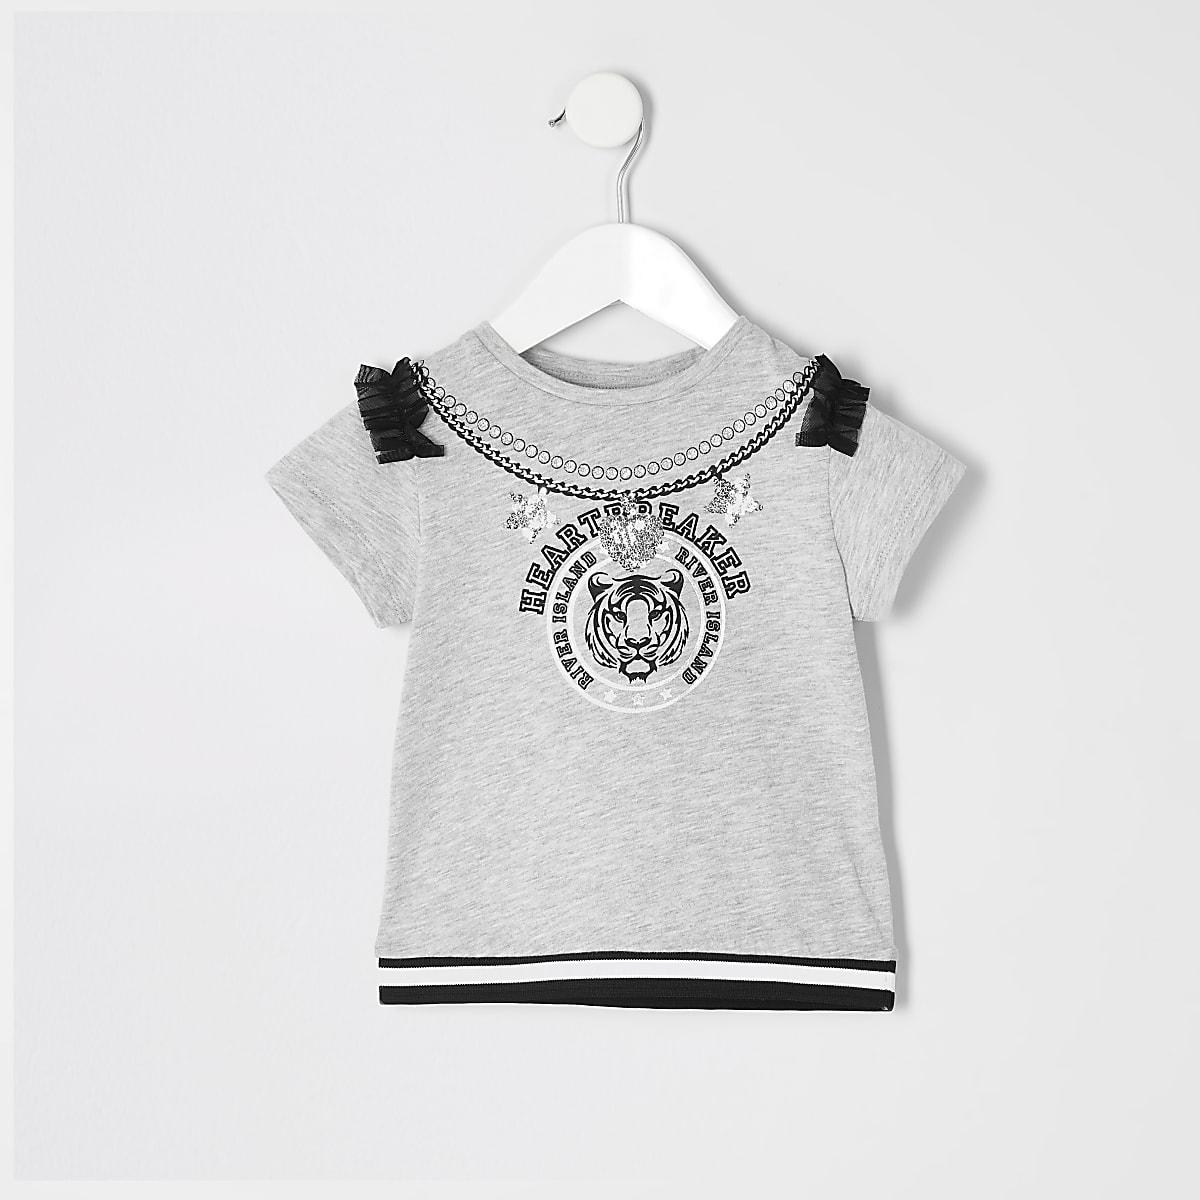 Mini - Grijs T-shirt met 'heartbreaker'-tekst voor meisjes